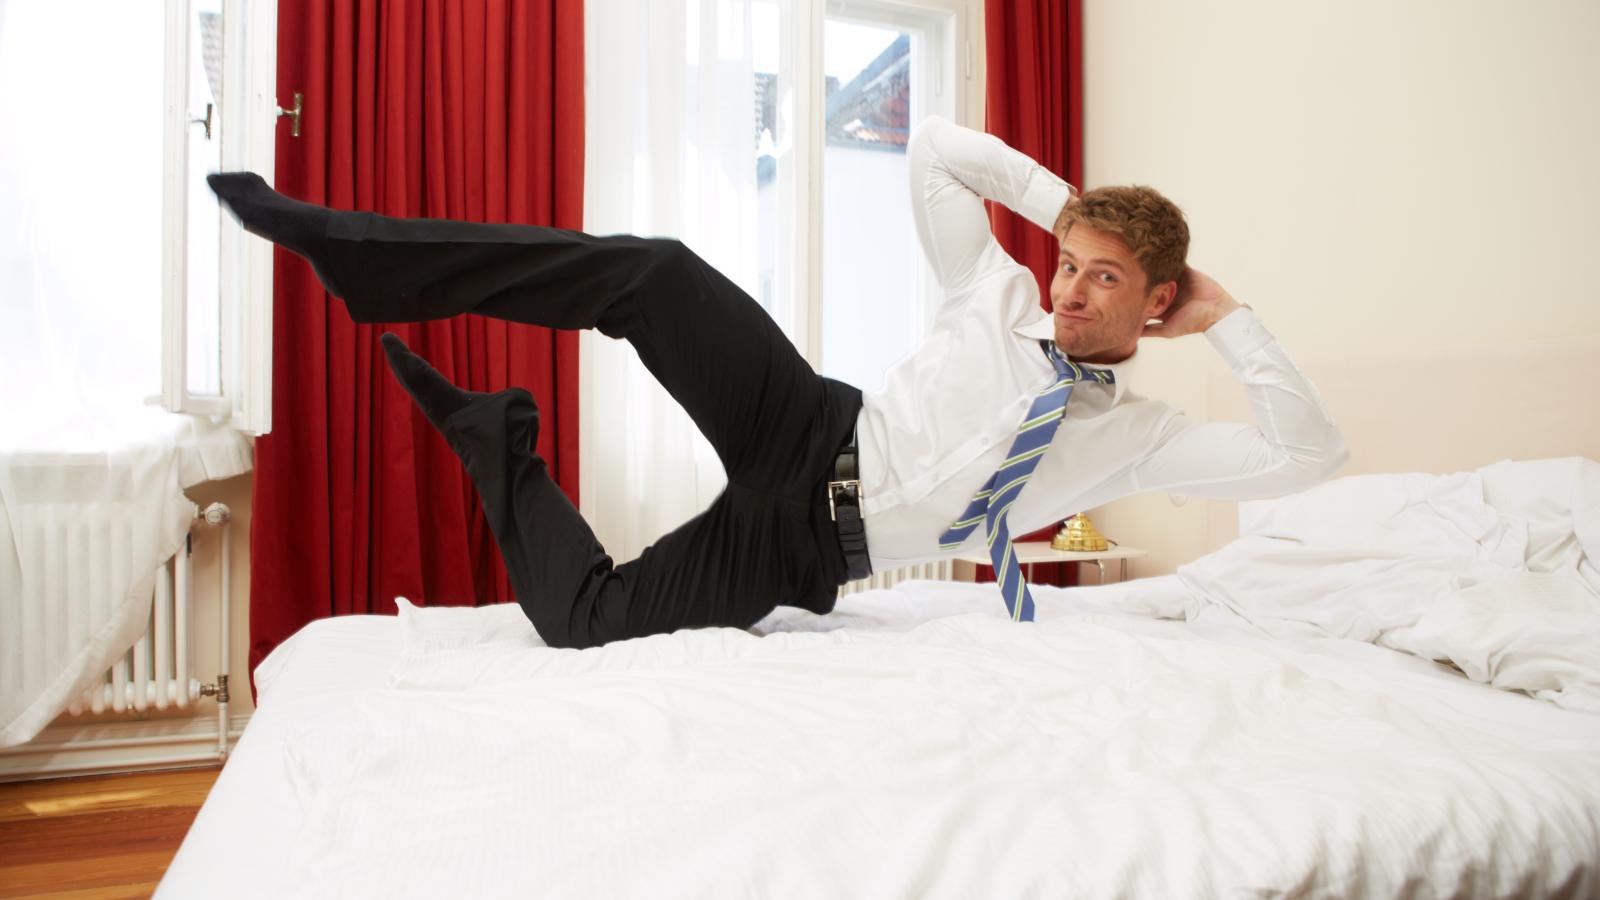 Ausbildung zum Hotelkaufmann oder zur Hotelkauffrau